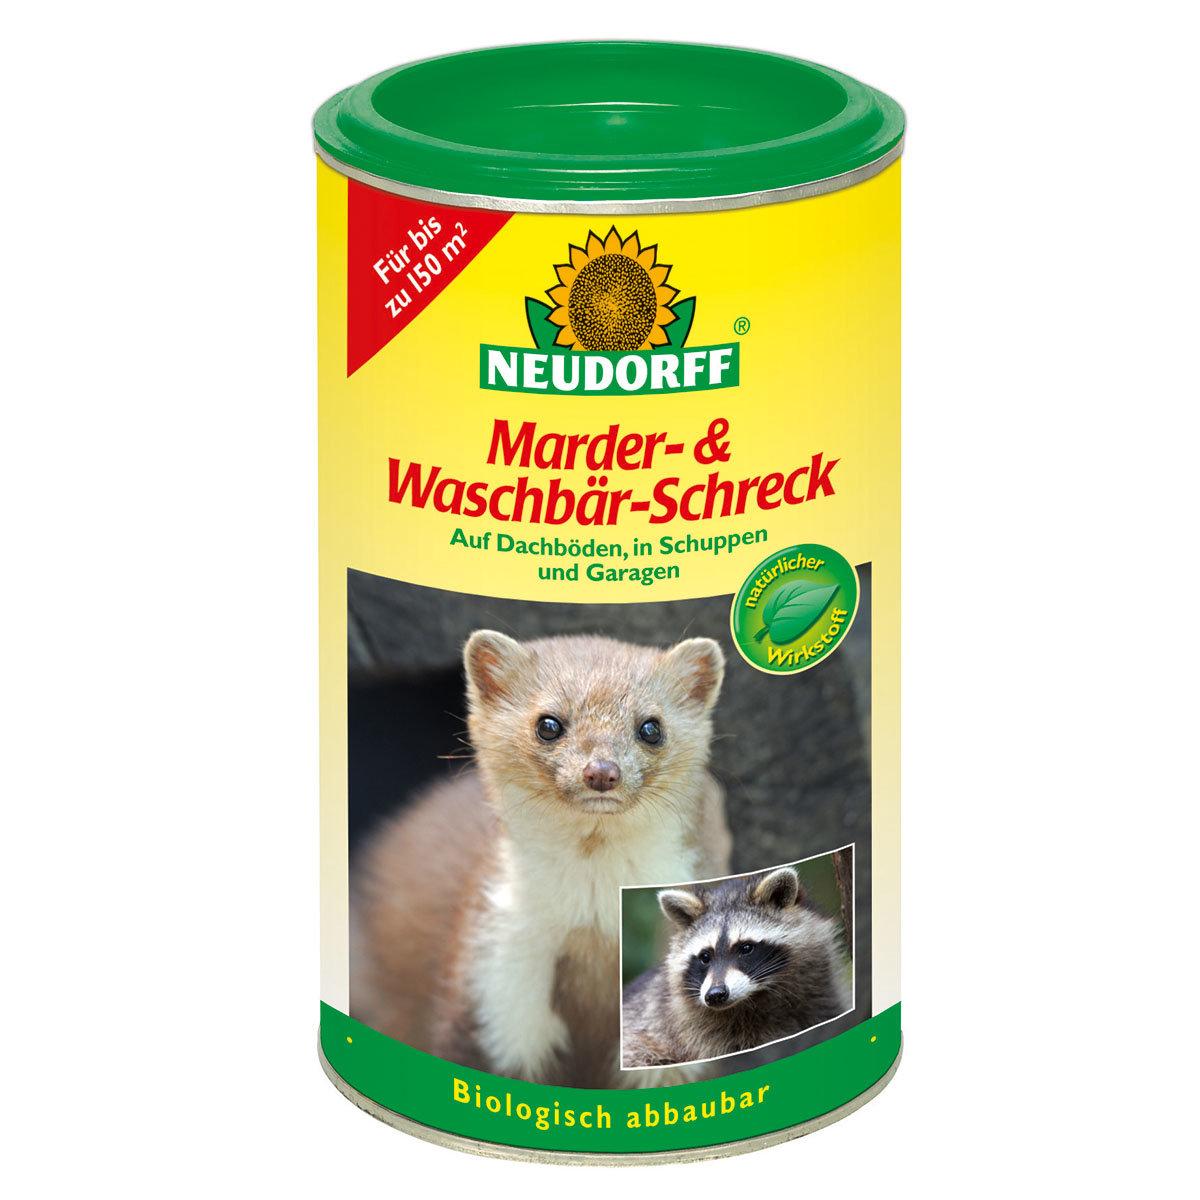 Neudorff® Marder- & Waschbär-Schreck, 300 g